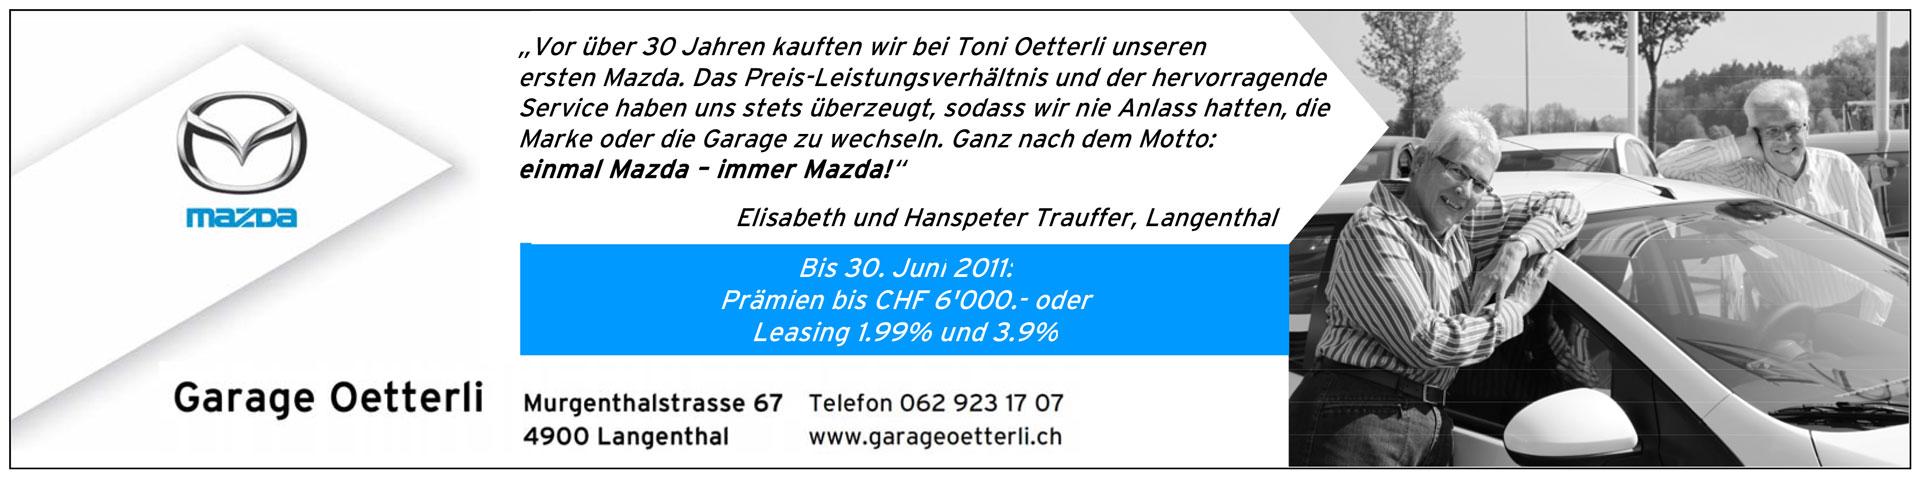 trauffer-hanspeter-und-elisabeth